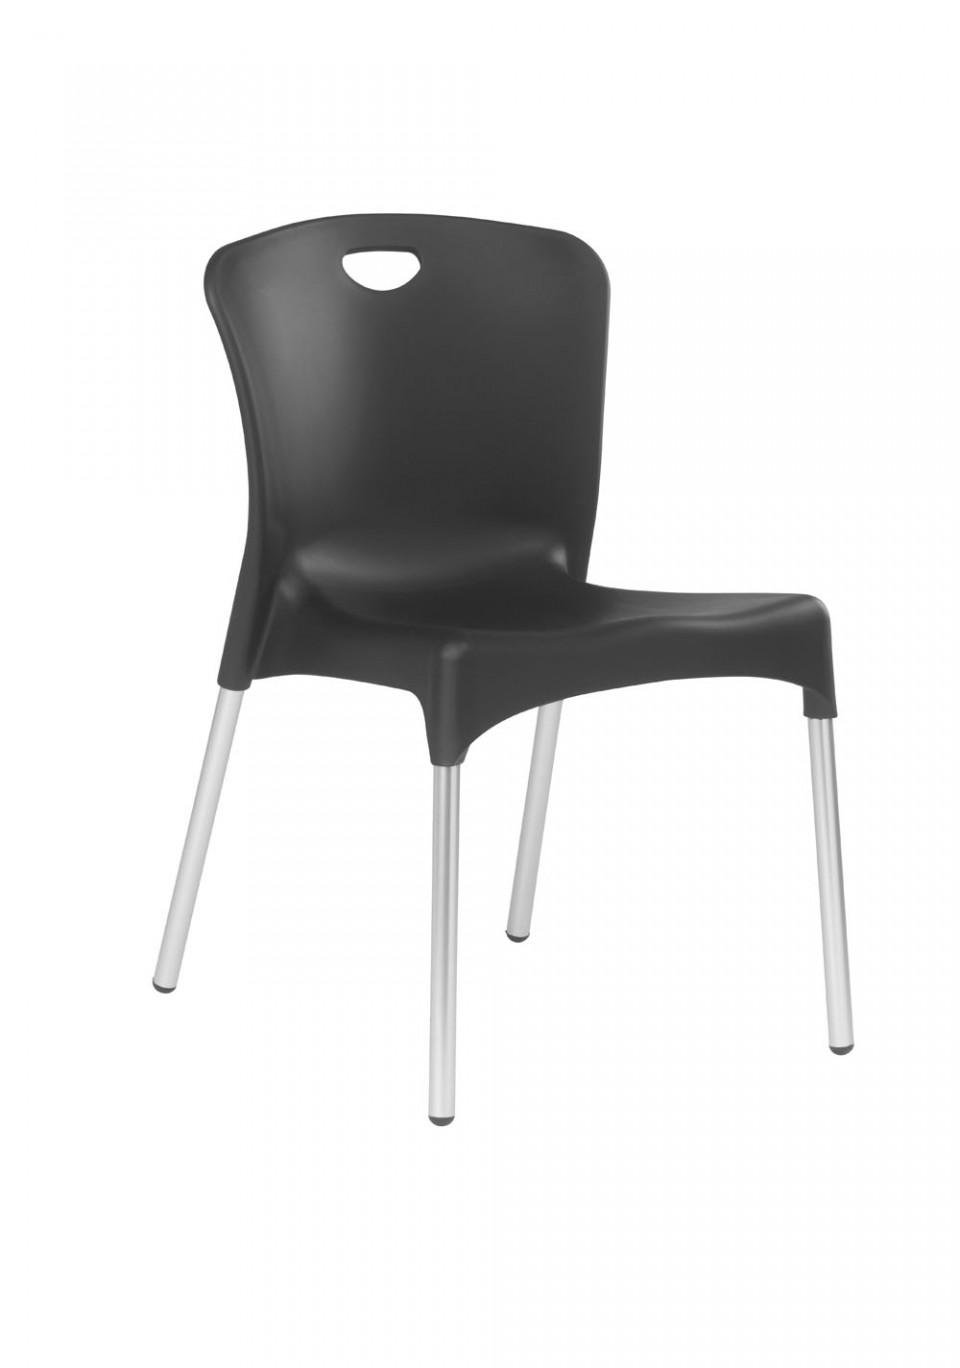 Chaise de collectivit zebra achat chaise pour - Mobilier de collectivite ...